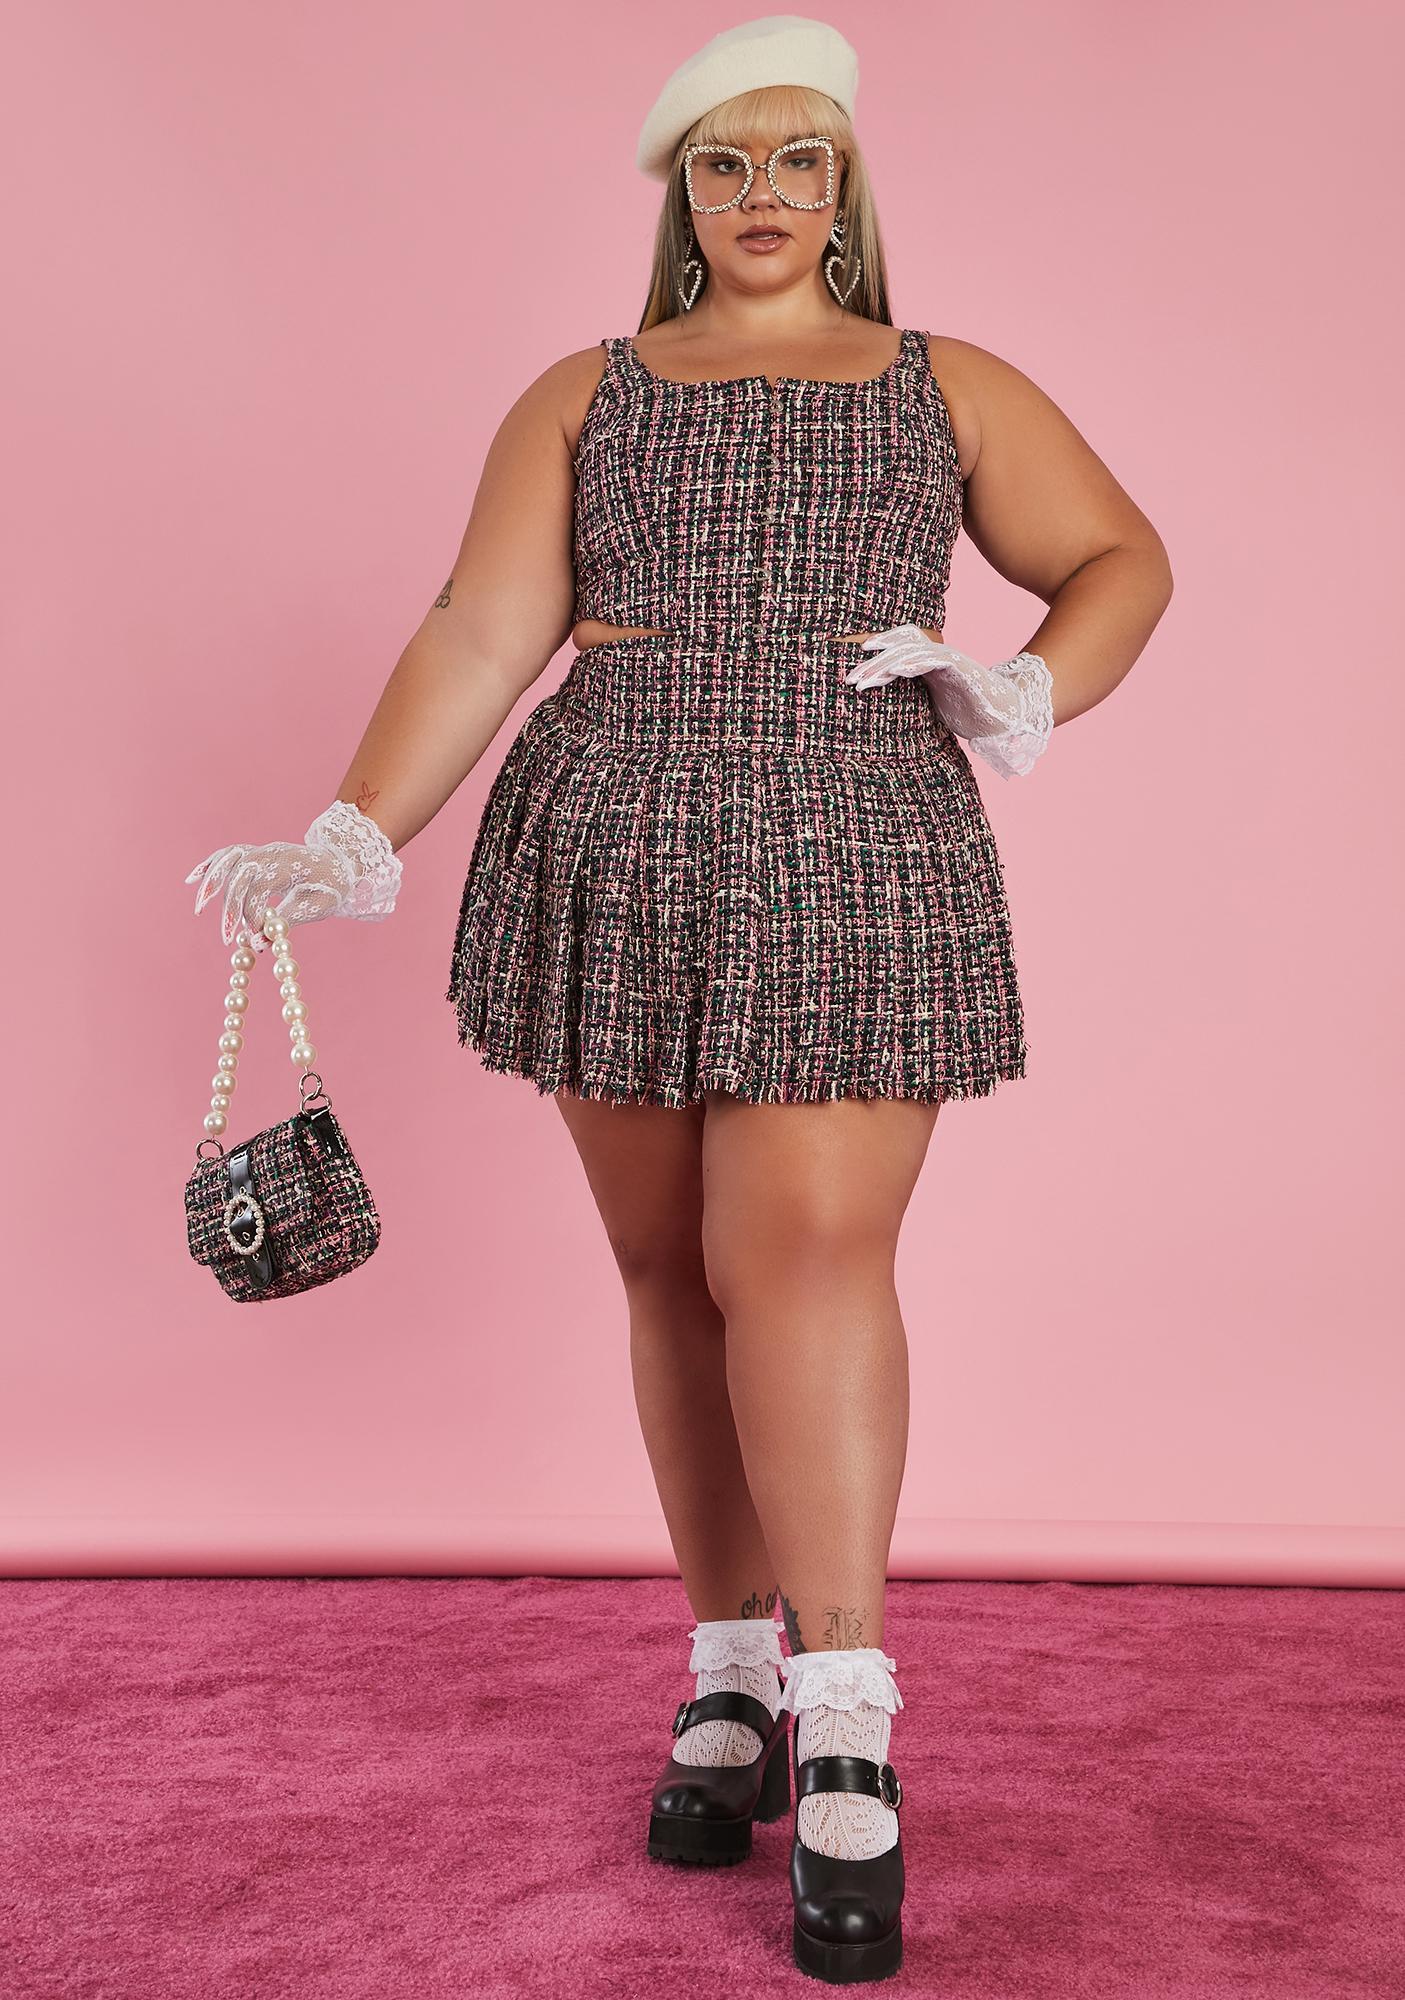 Sugar Thrillz Oh Pish Posh Tweed Corset